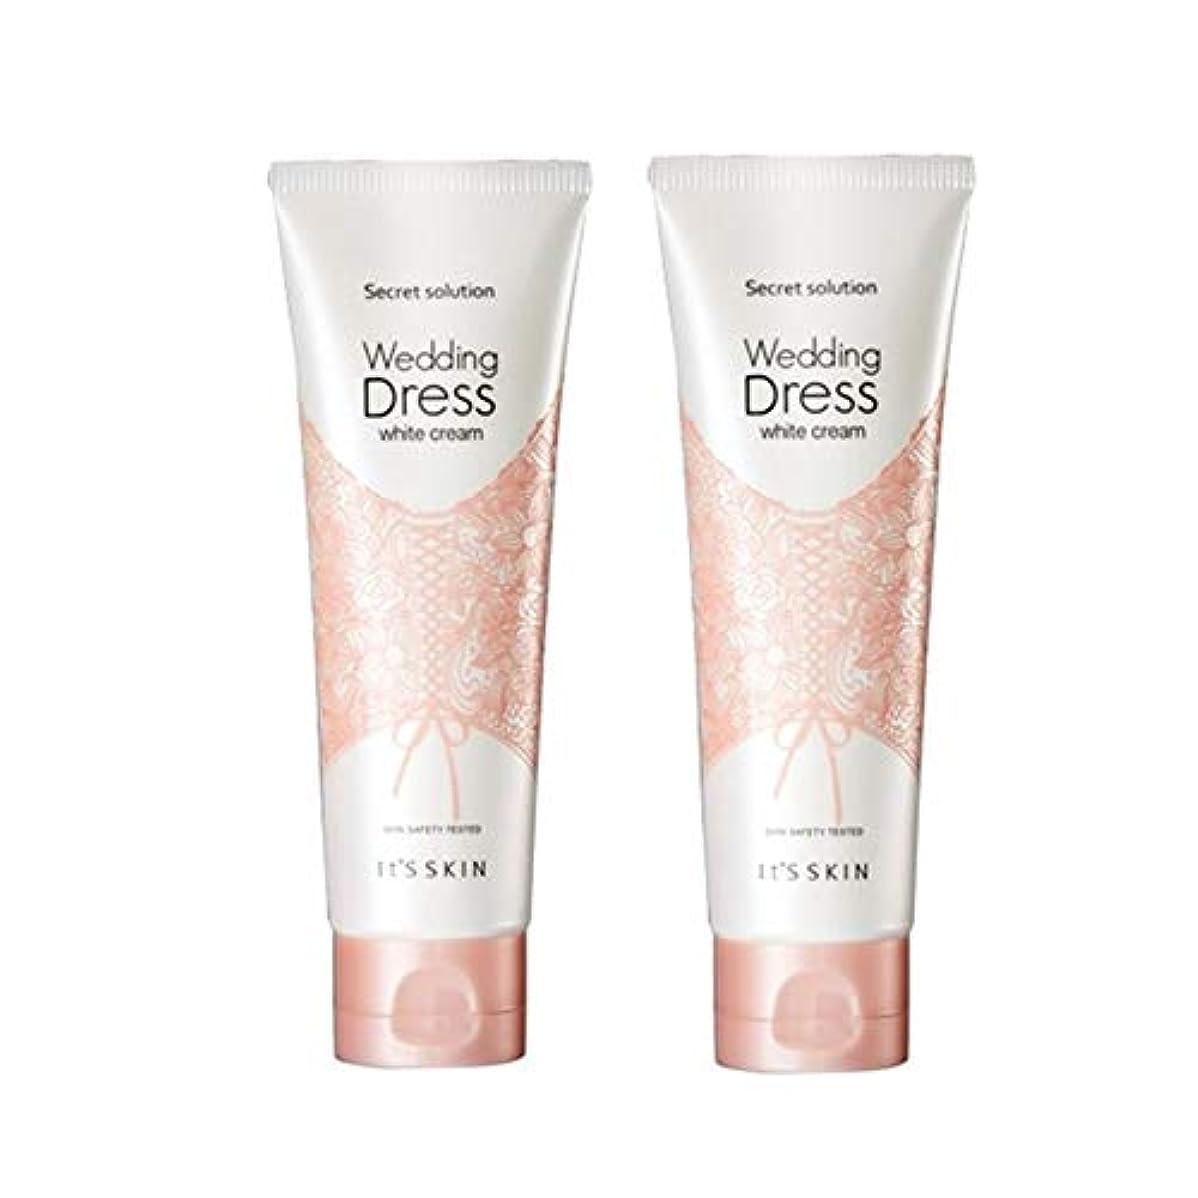 軍コンパニオン審判イッツスキンのシークレット?ソリューションウェディングドレス?ホワイトクリーム100mlx 2本セット、It's Skin Secret Solution Wedding Dress White Cream 100ml...